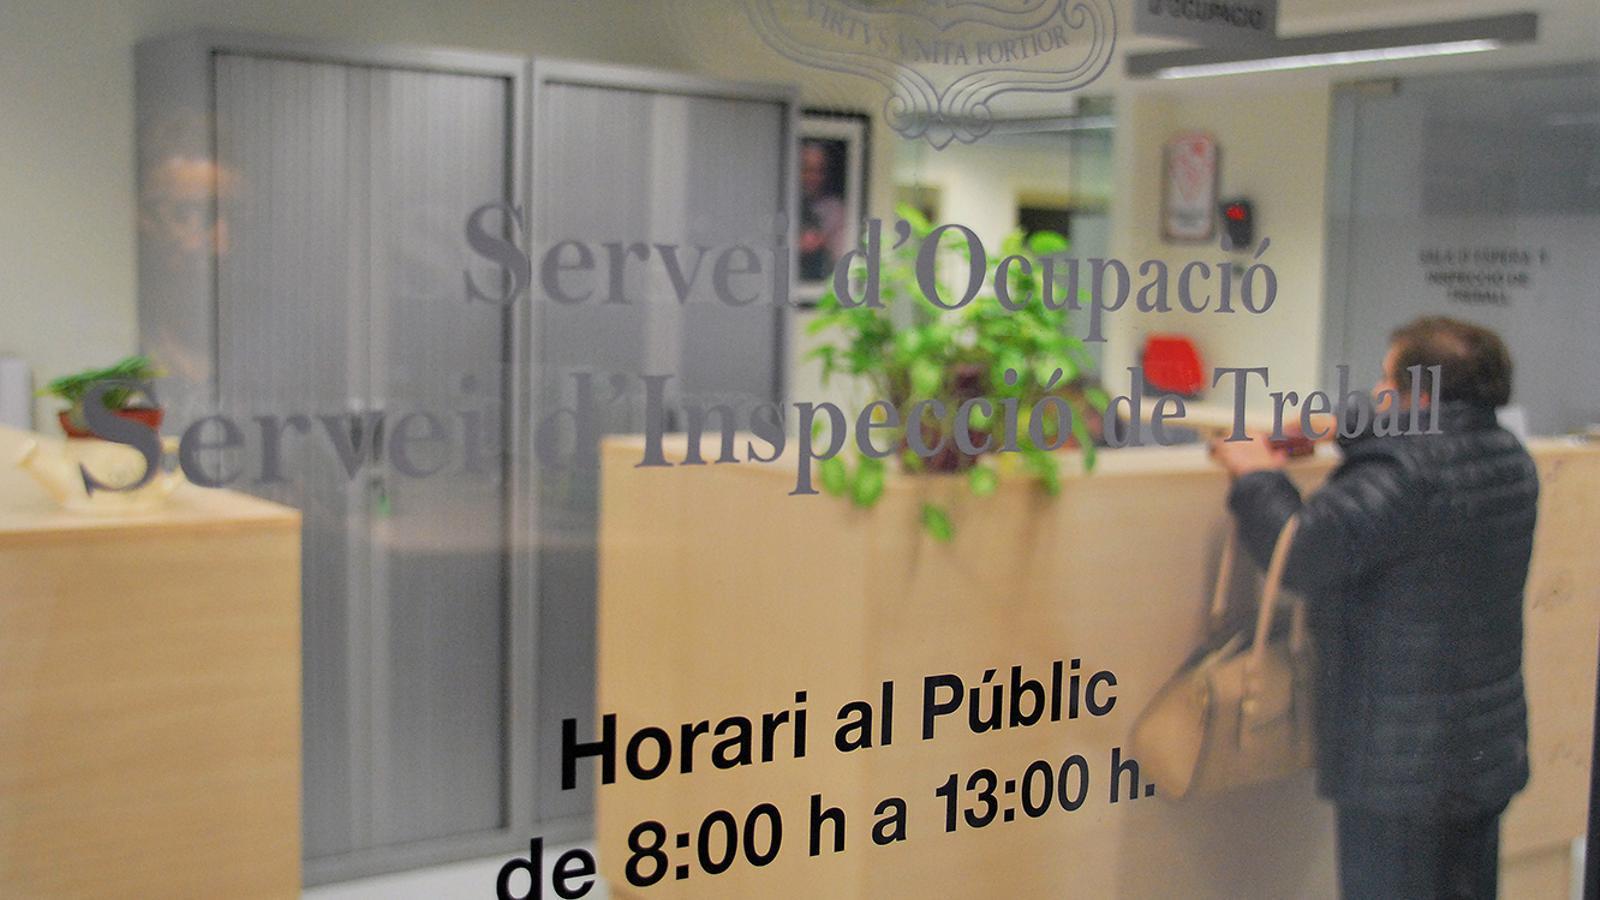 El Servei d'Ocupació. / ARXIU